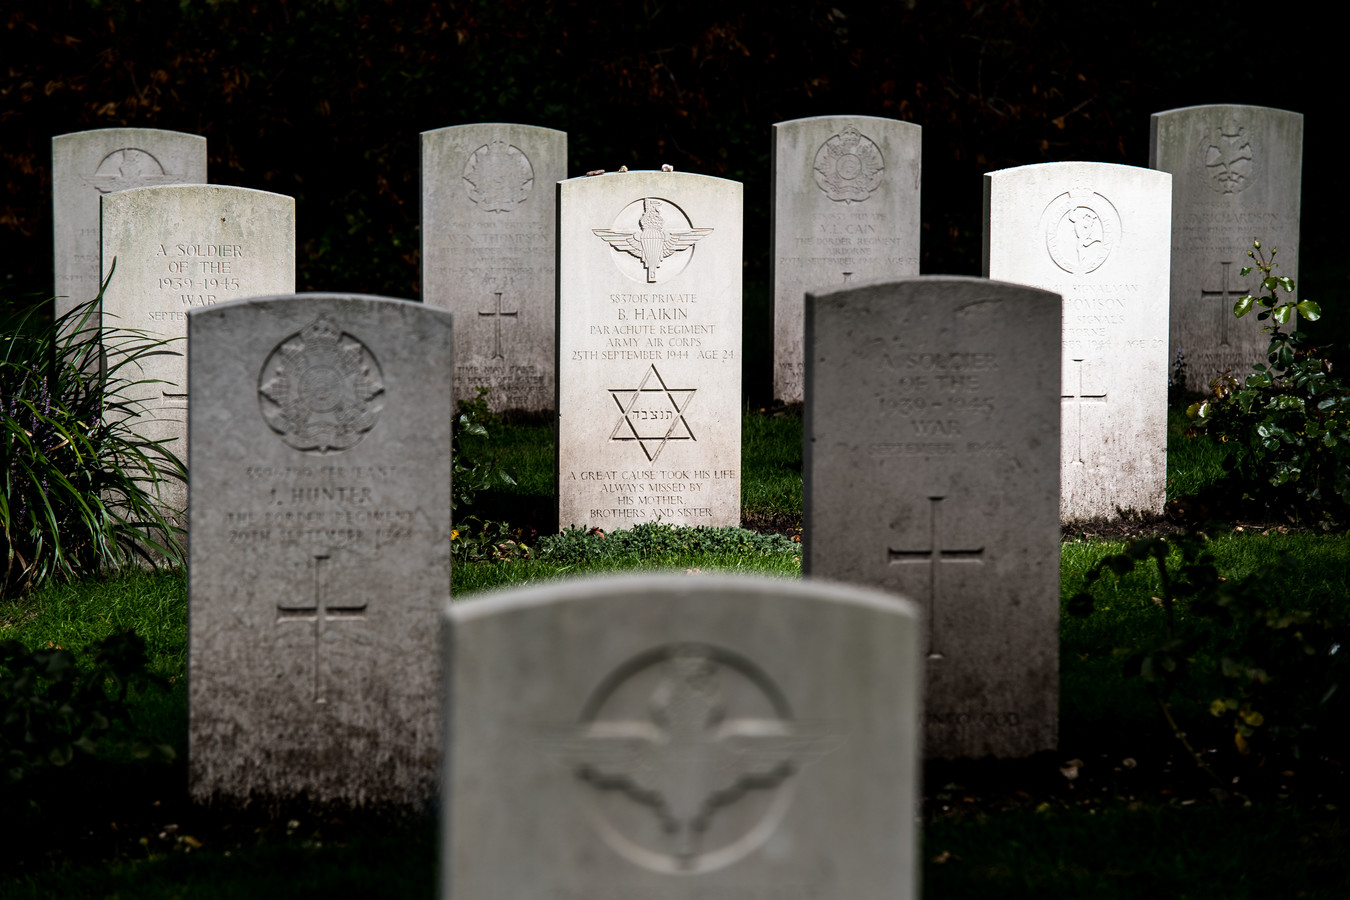 grafstenen op de begraafplaats in Oosterbeek.